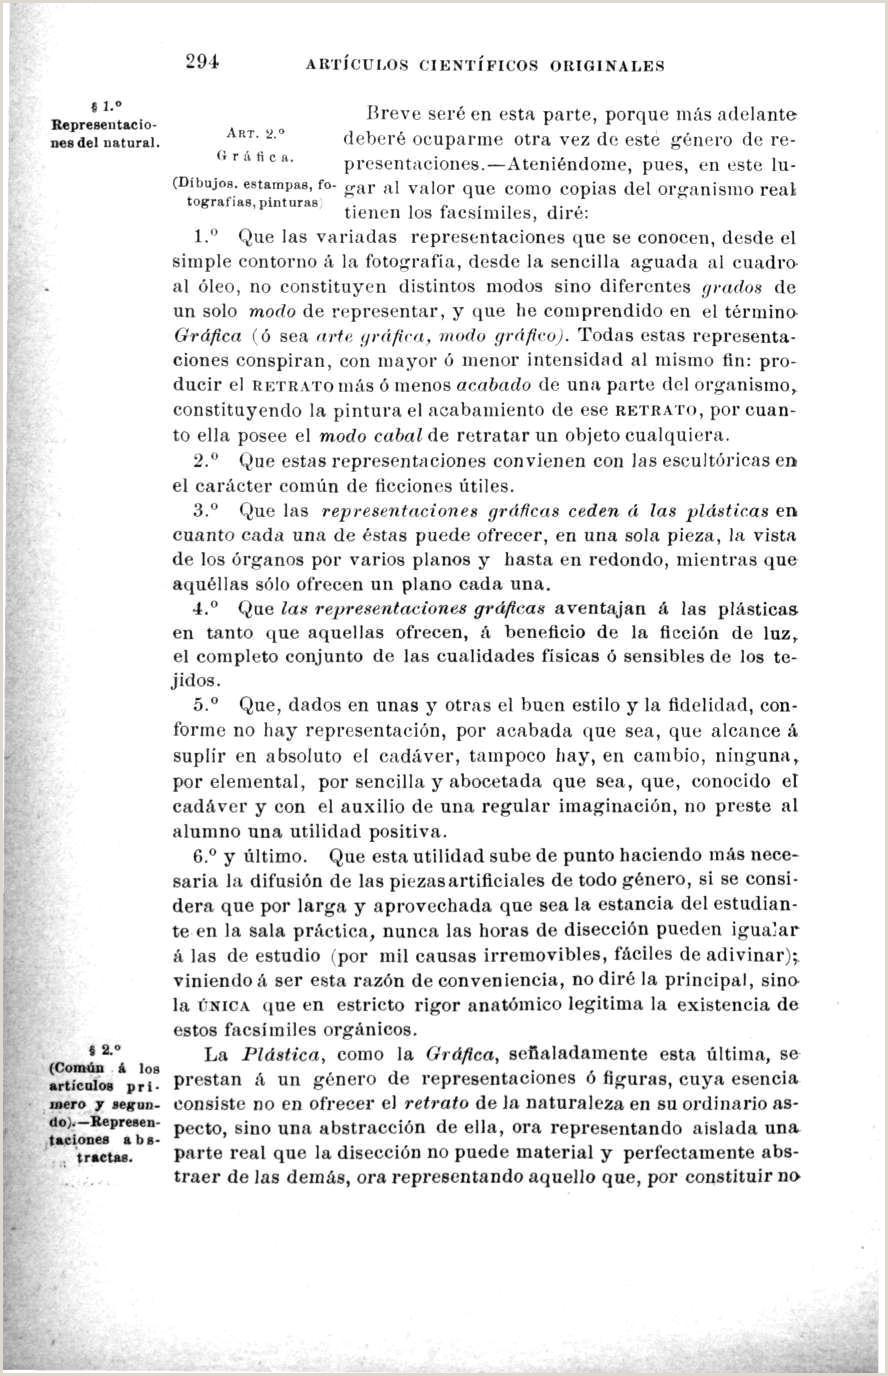 """SECCI""""N CLNICA ORIGINAL PDF"""